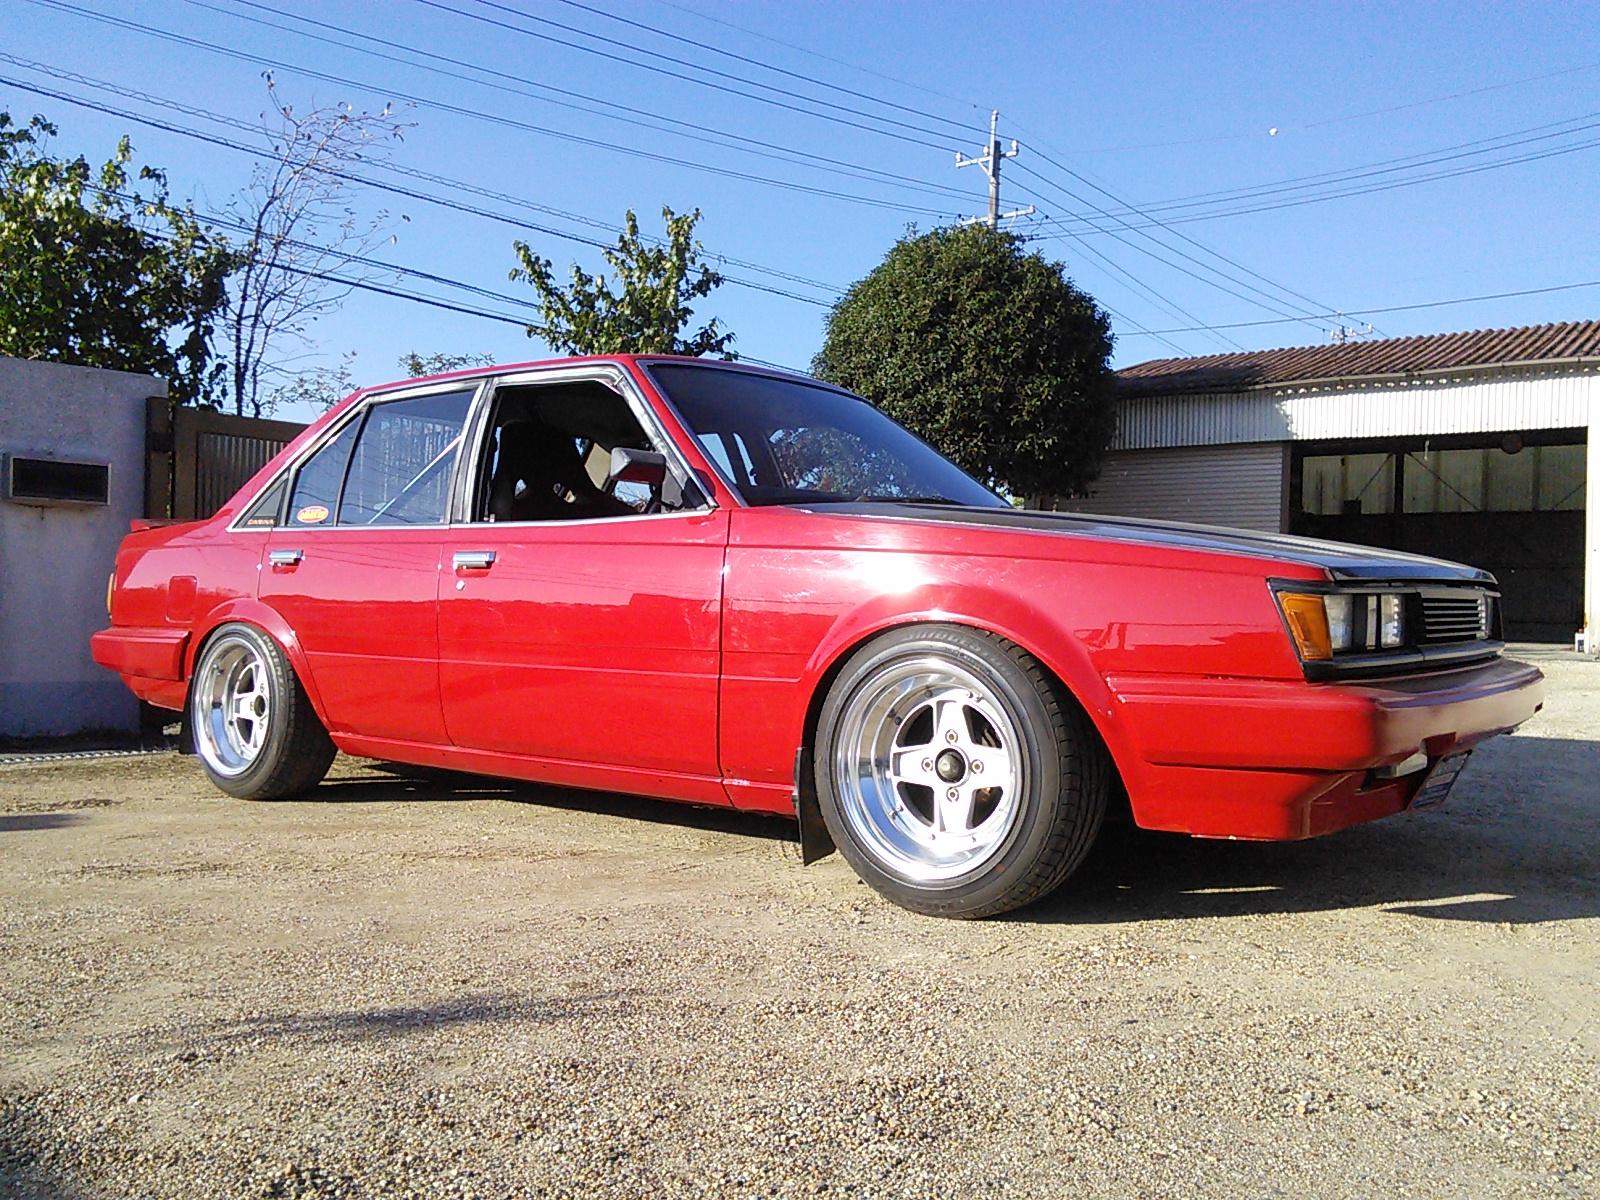 旧車ミーティングに行って来ました。 カスタム ラパン バンパー交換 豊田市  板金塗装